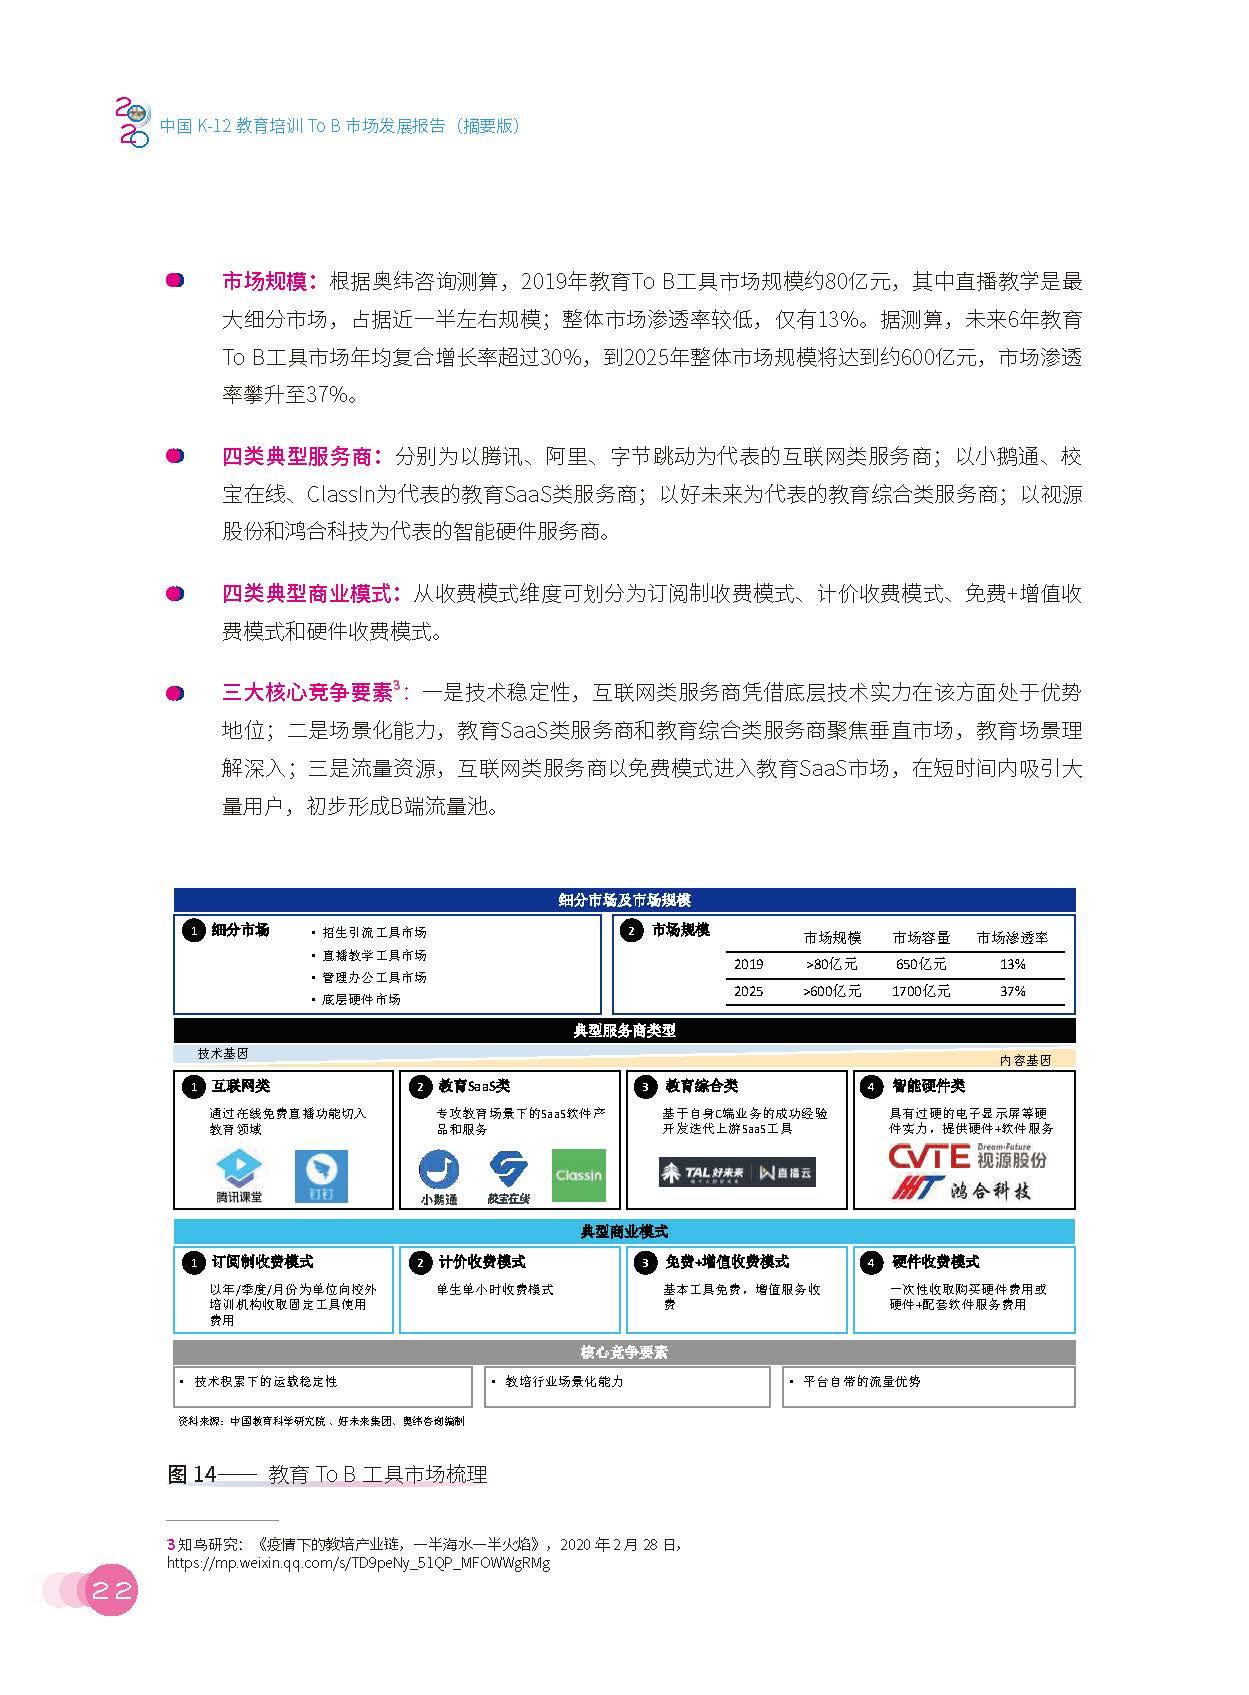 中国教育科学研究院:2020中国K~12教育培训To B市场发展报告(56页)_页面_25.jpg